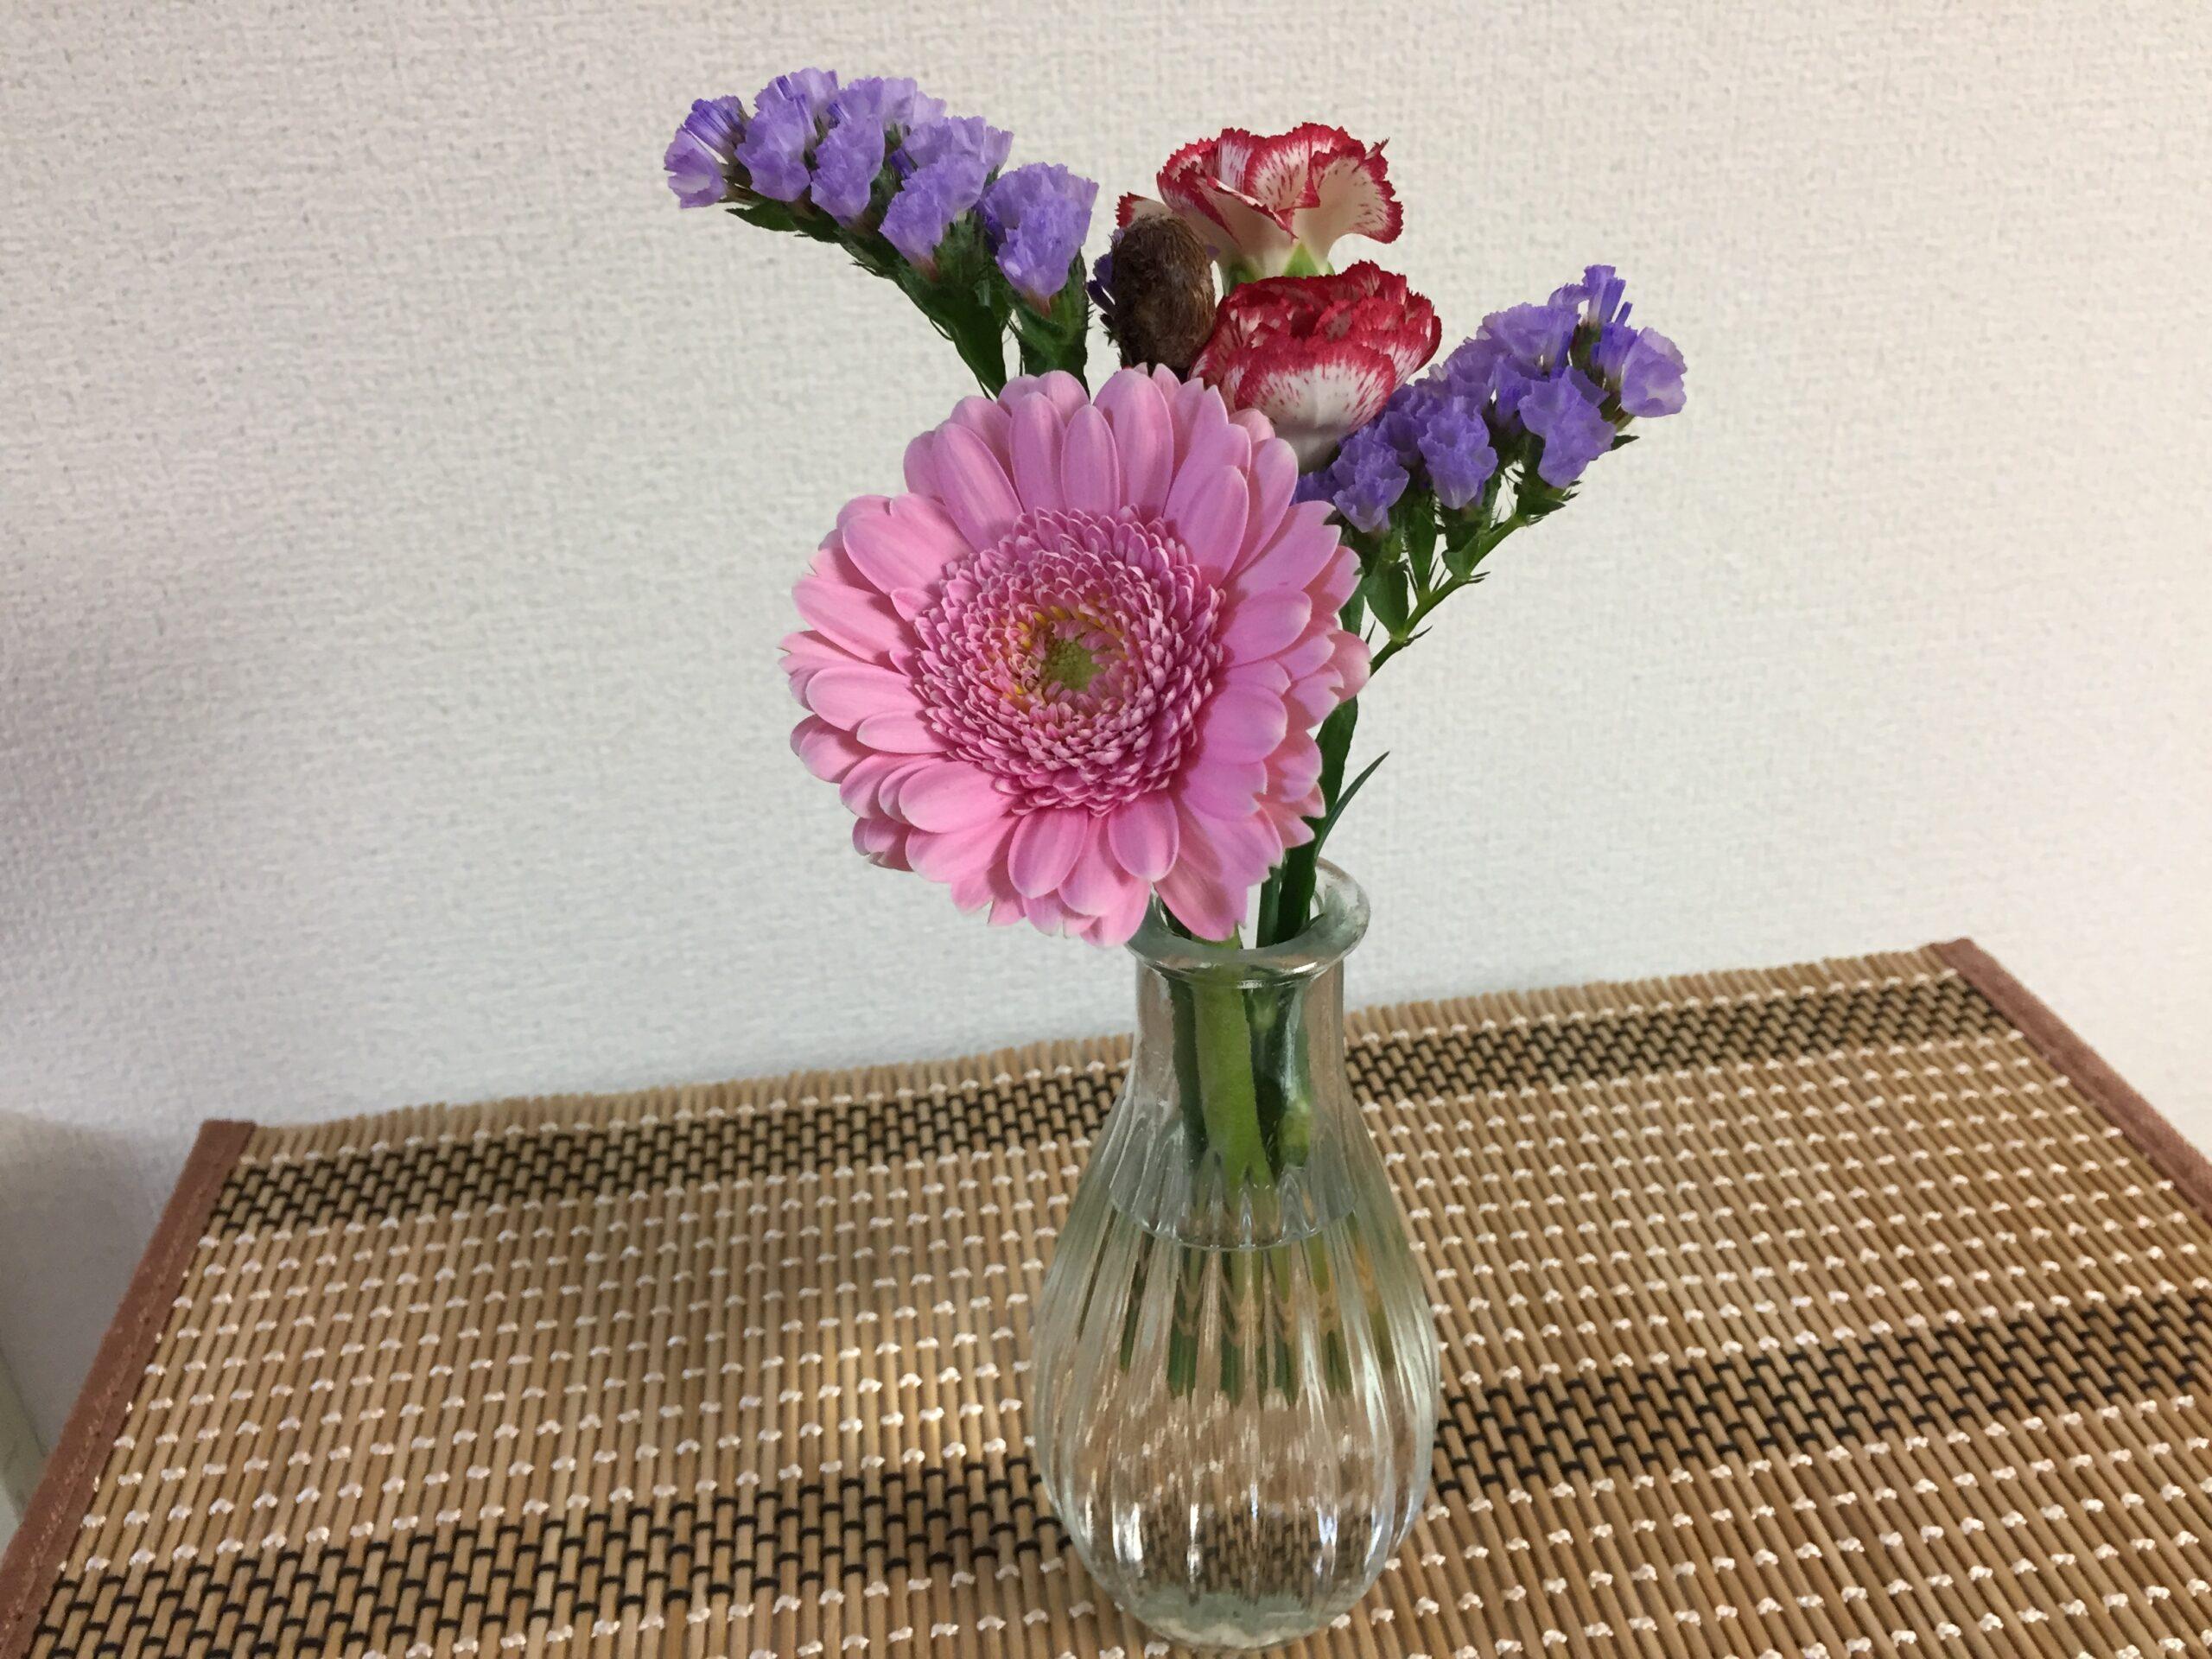 ブルーミーライフの花、100均の花瓶でピッタリ